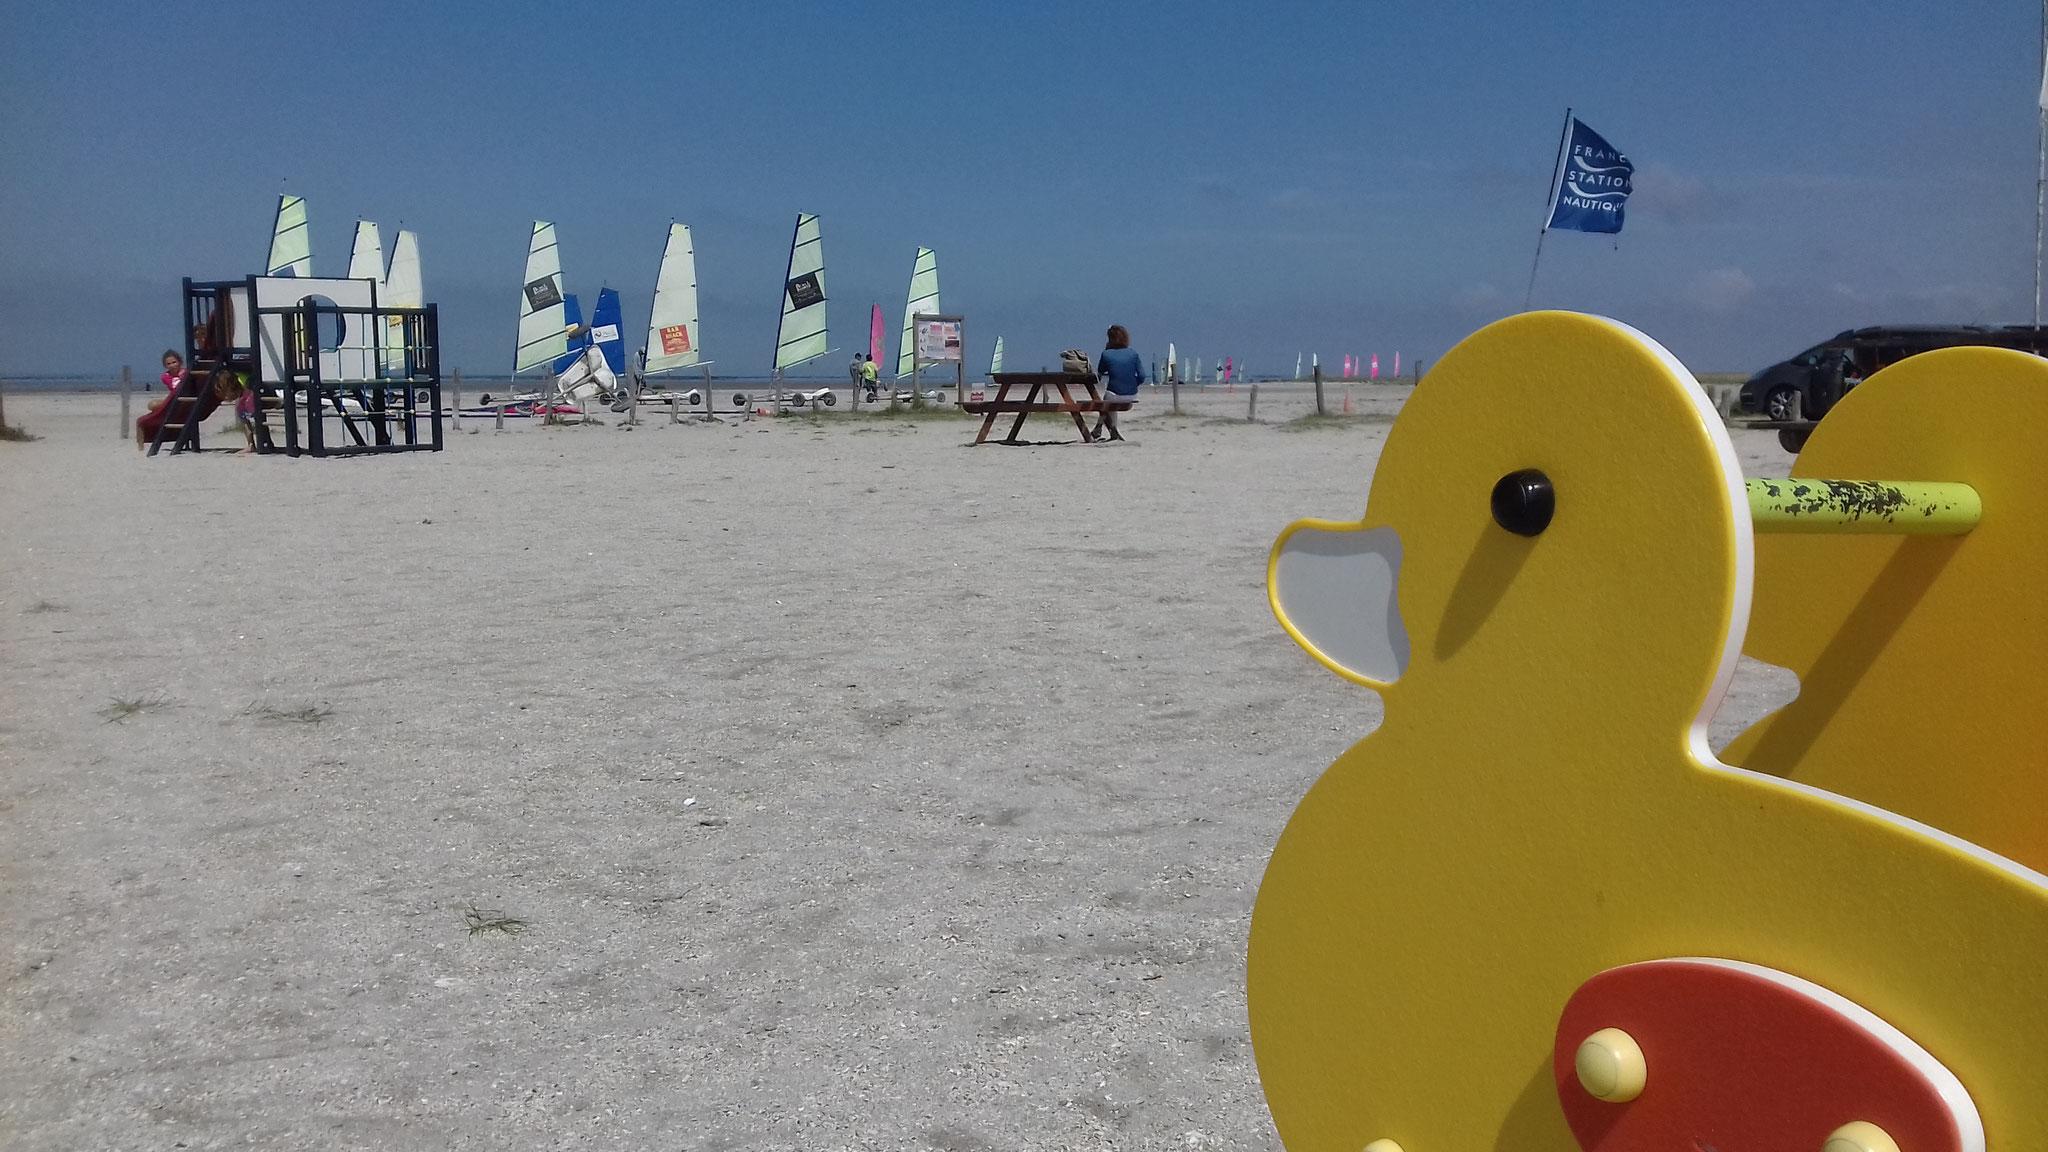 Jeux de plein air sur la plage à Hirel